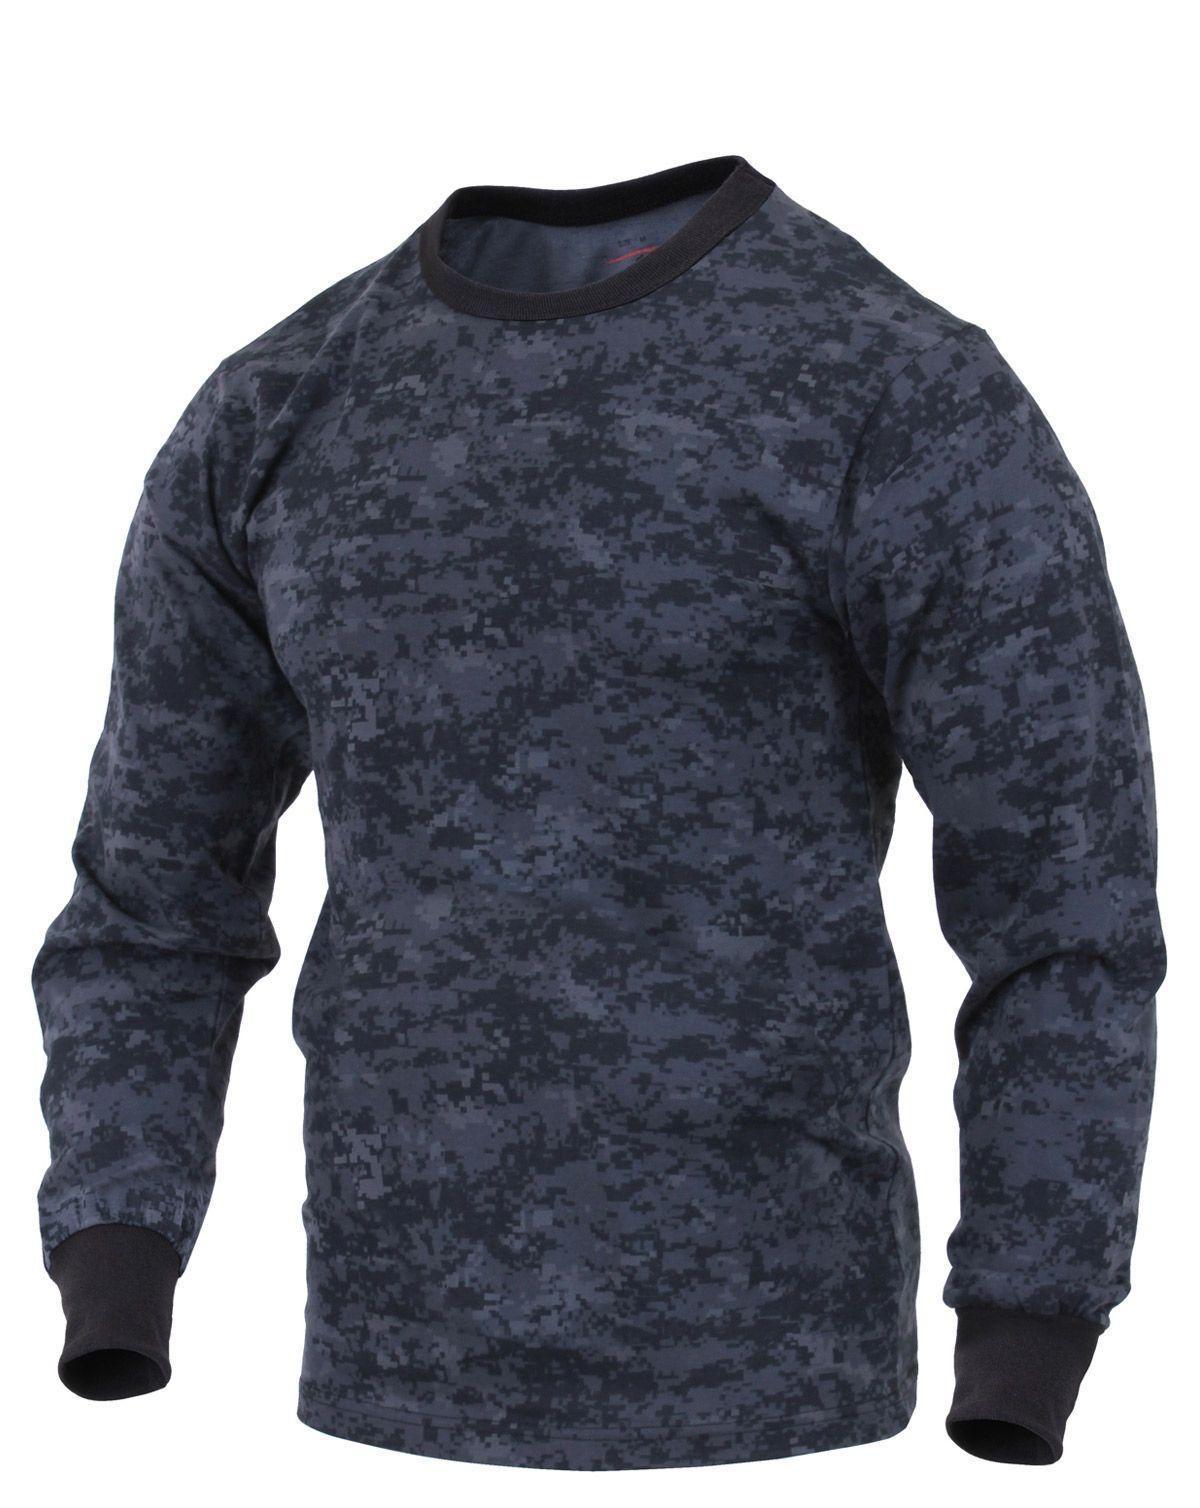 Rothco Långärmad T-shirt (Digital Midnight Camo, XL)